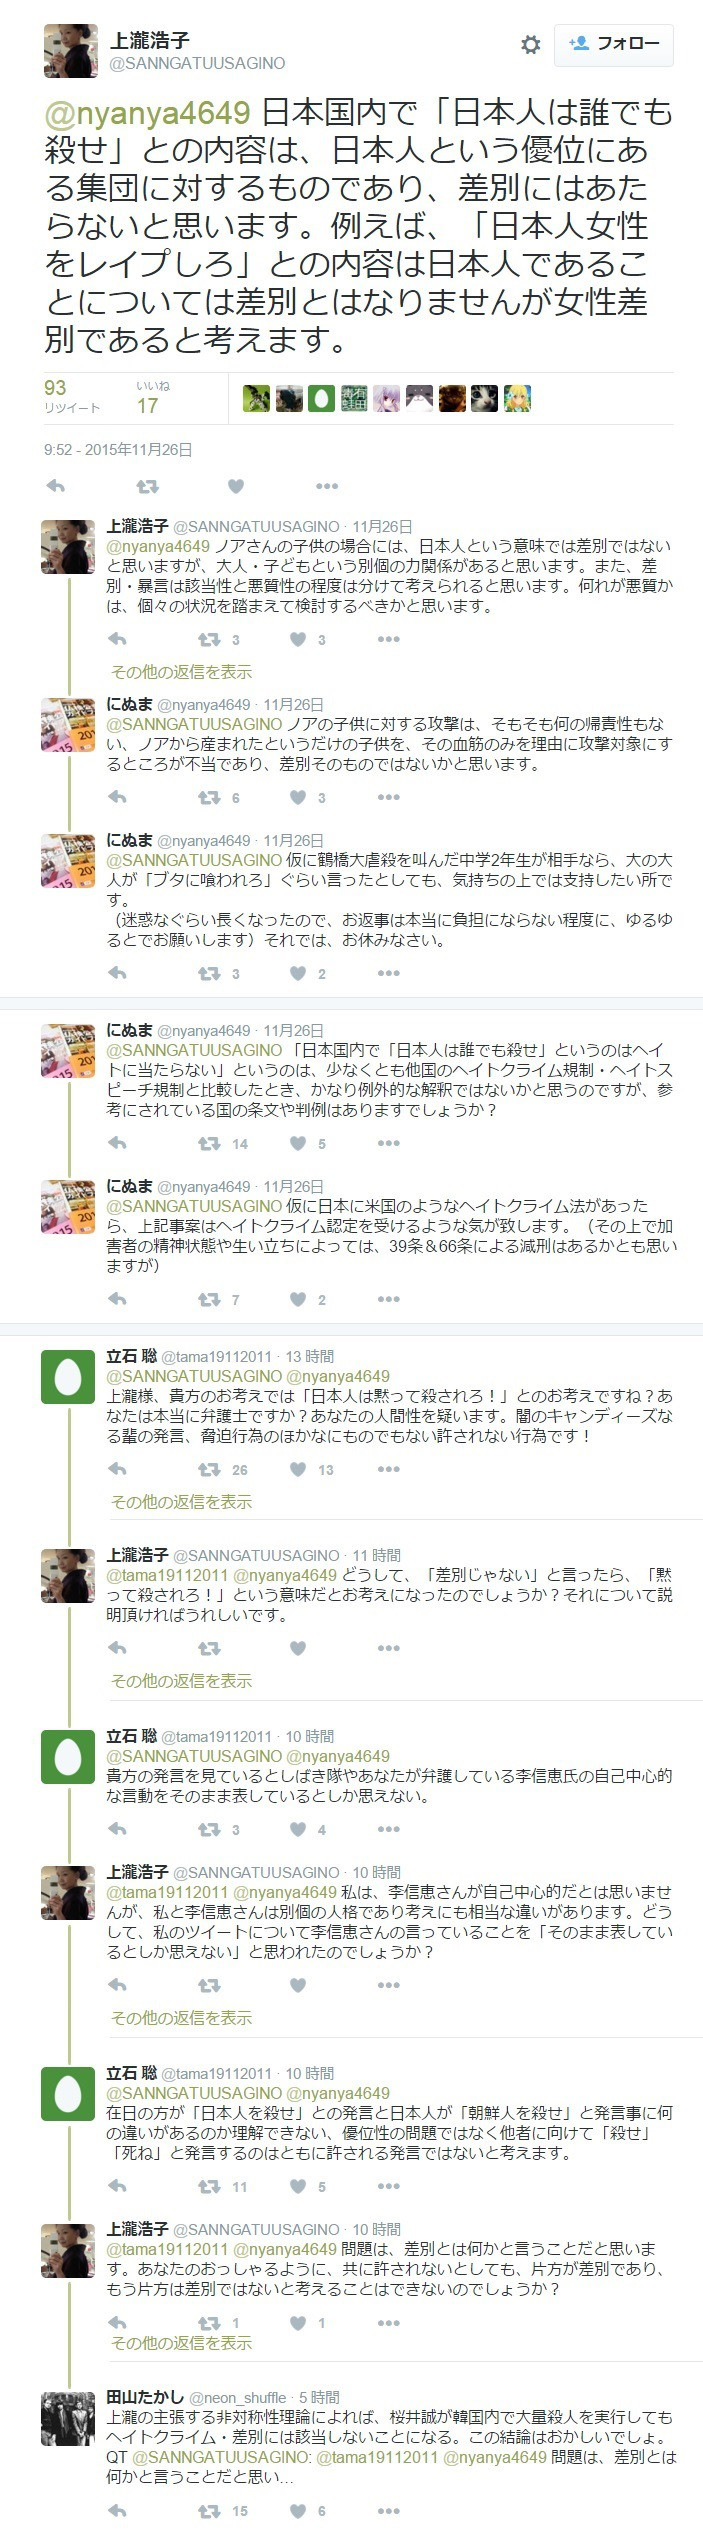 反日レイシスト弁護士上瀧浩子弁護士の差別コメント